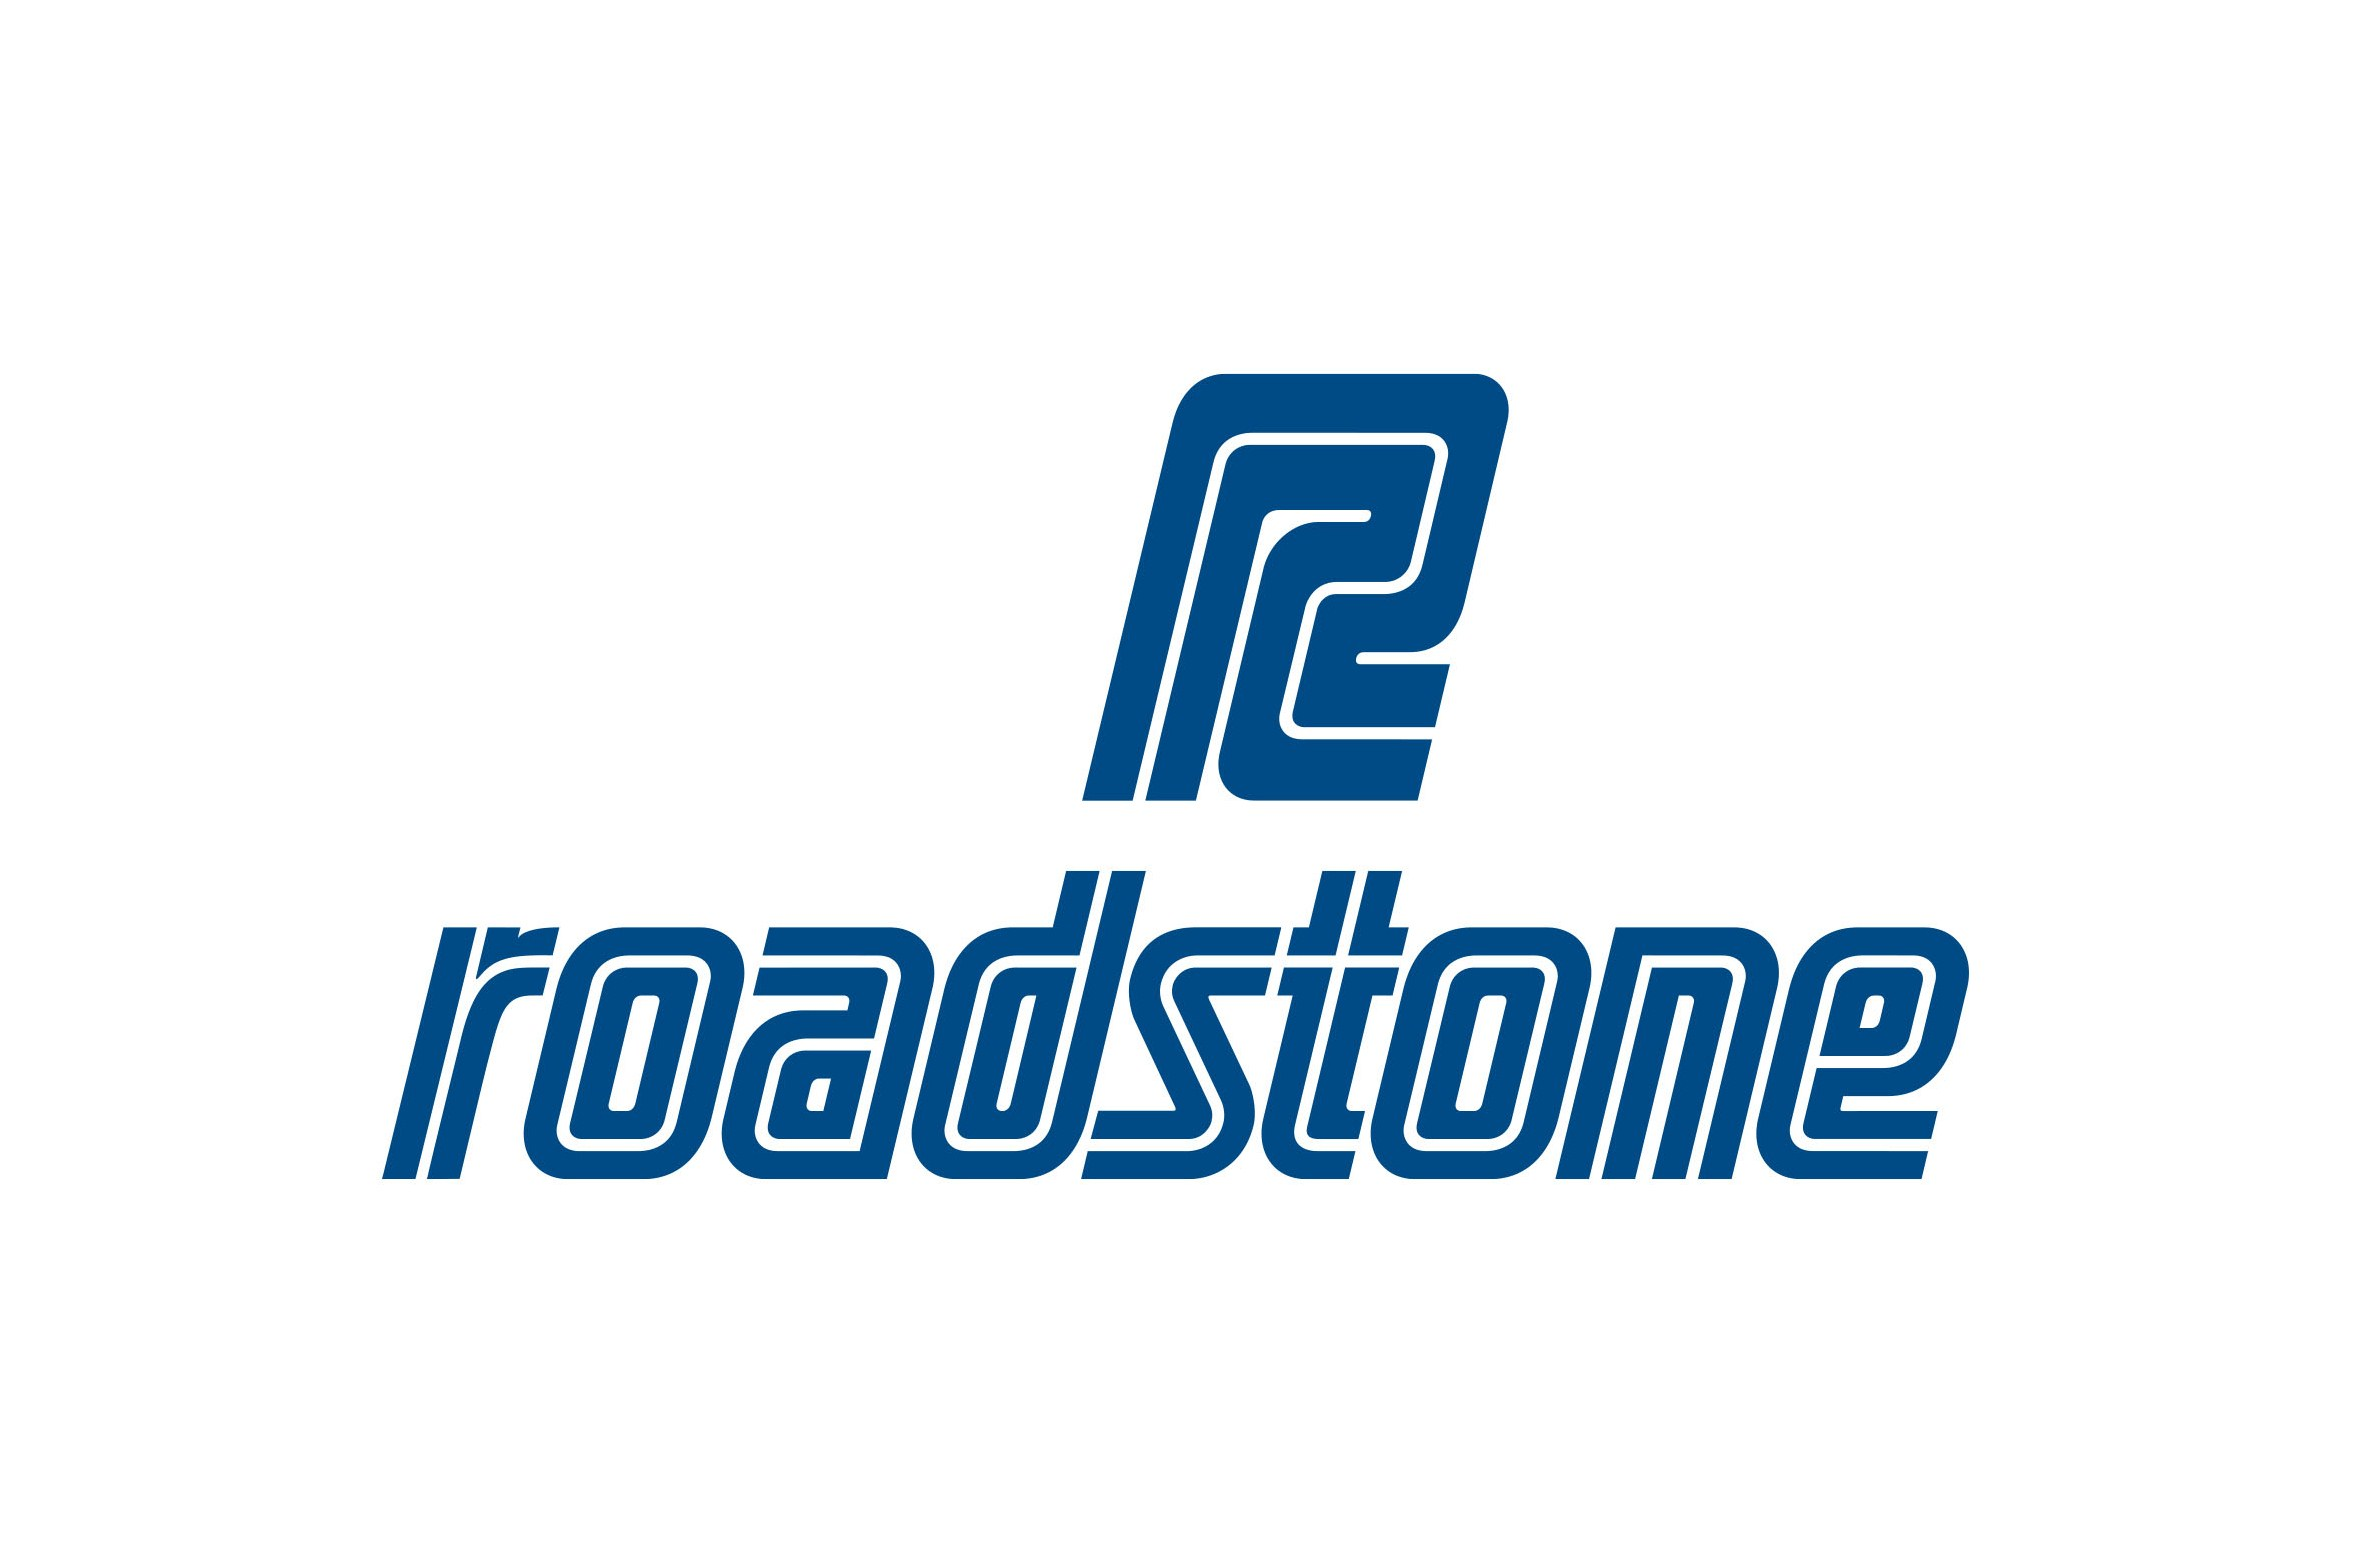 Roadstone-logo-w-bg